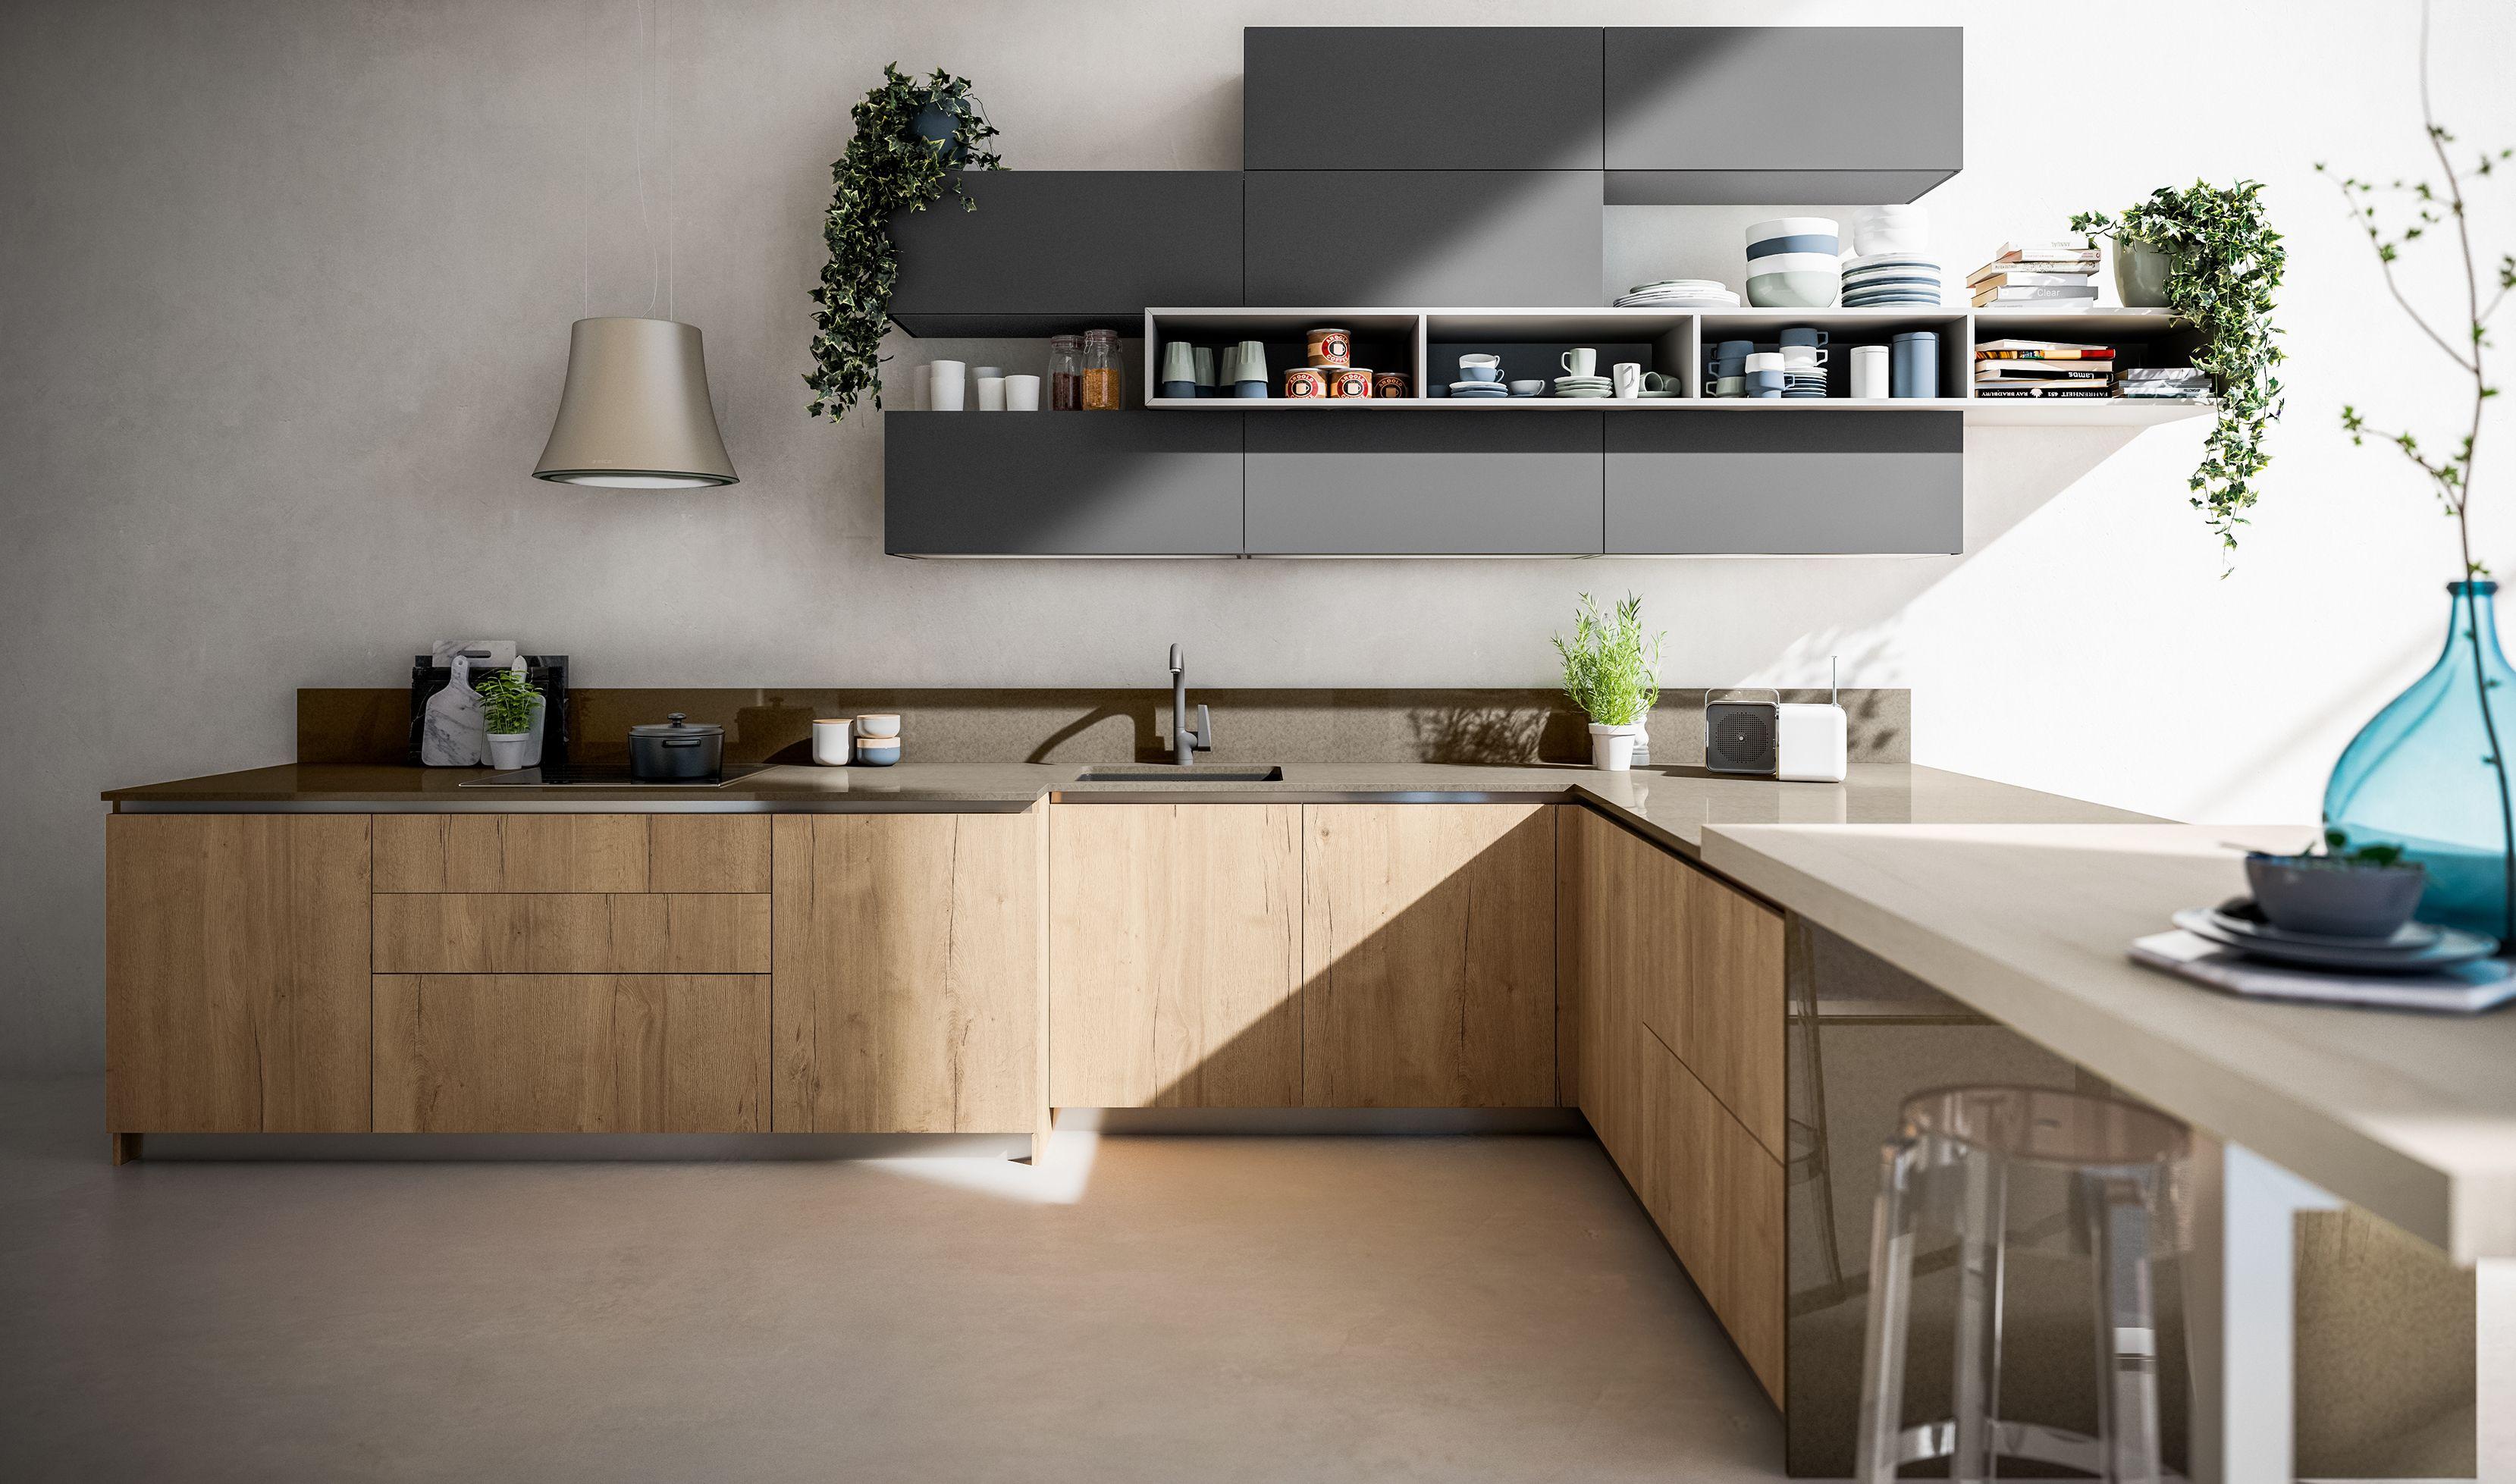 Le nuove cucine Arrex in laminato ad effetto legno presentano ...